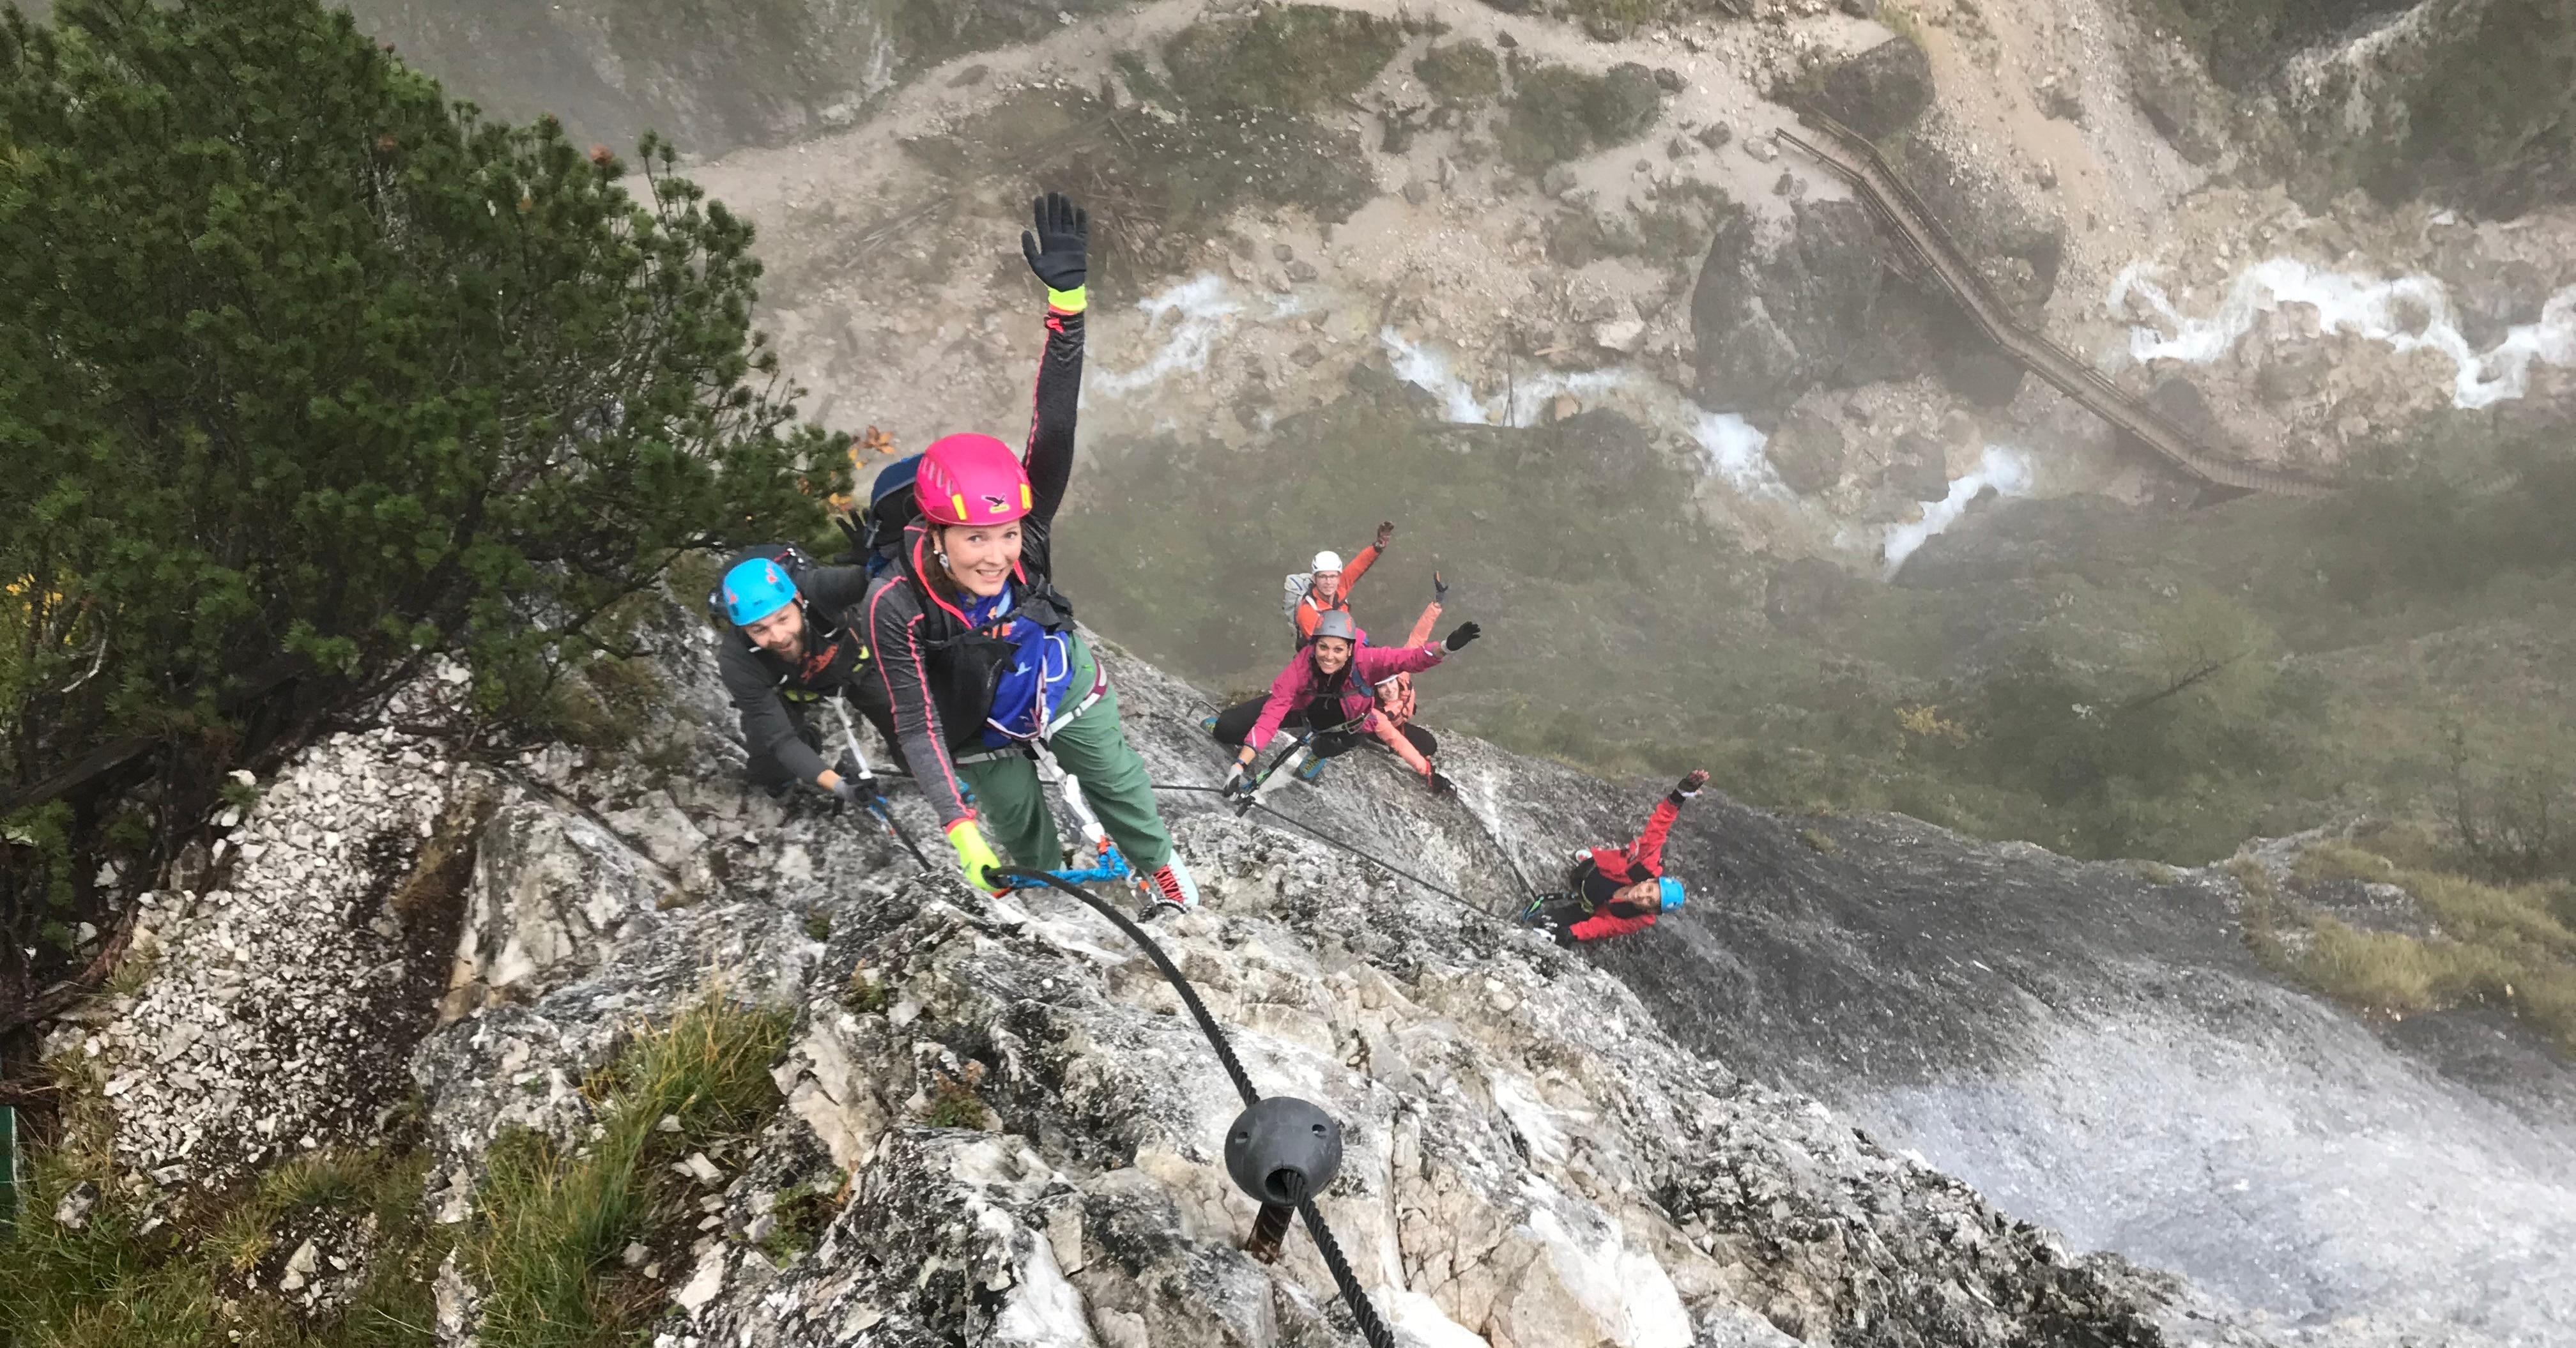 Klettergurt Für Halle Und Klettersteig : Klettersteige antworten für anfänger und wiedereinsteiger